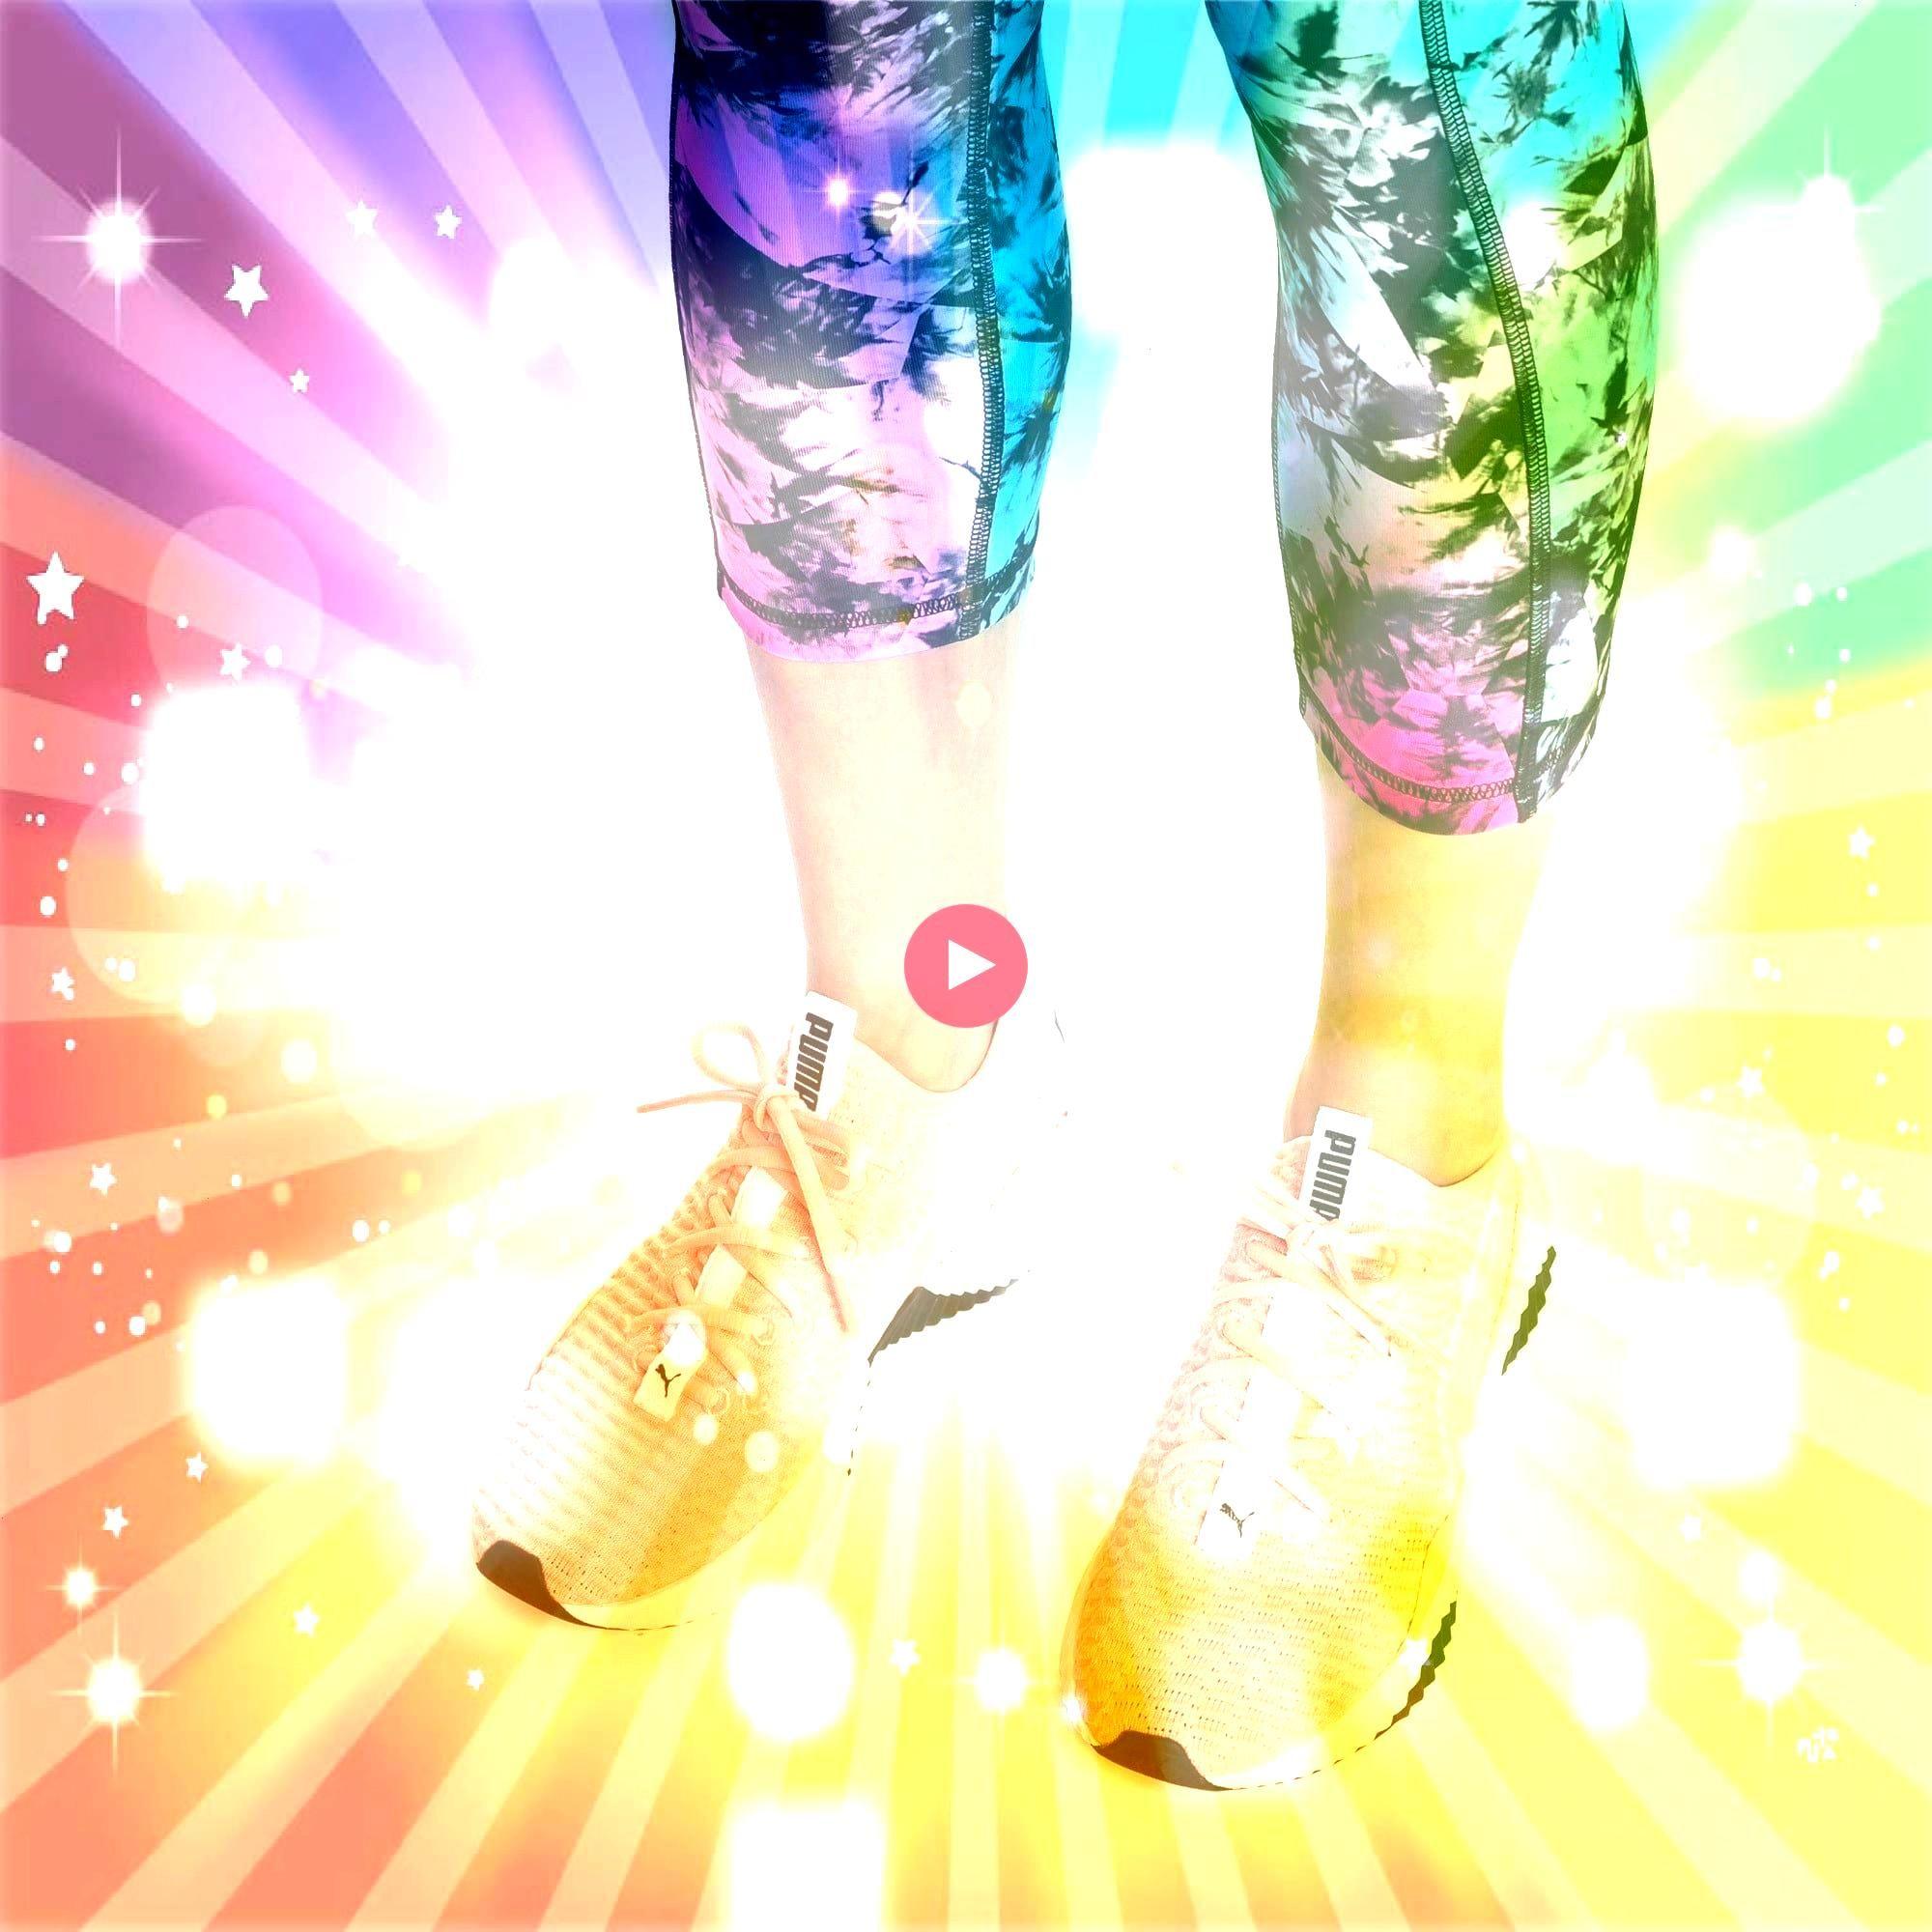 Womens Trainers in Peach BudWhite size 65 PUMA Defy Damen Sneaker in Peach Bud  Weiß Größe 65PUMA Defy Womens Trainers in Peach BudWhite size 65 PUMA Def...